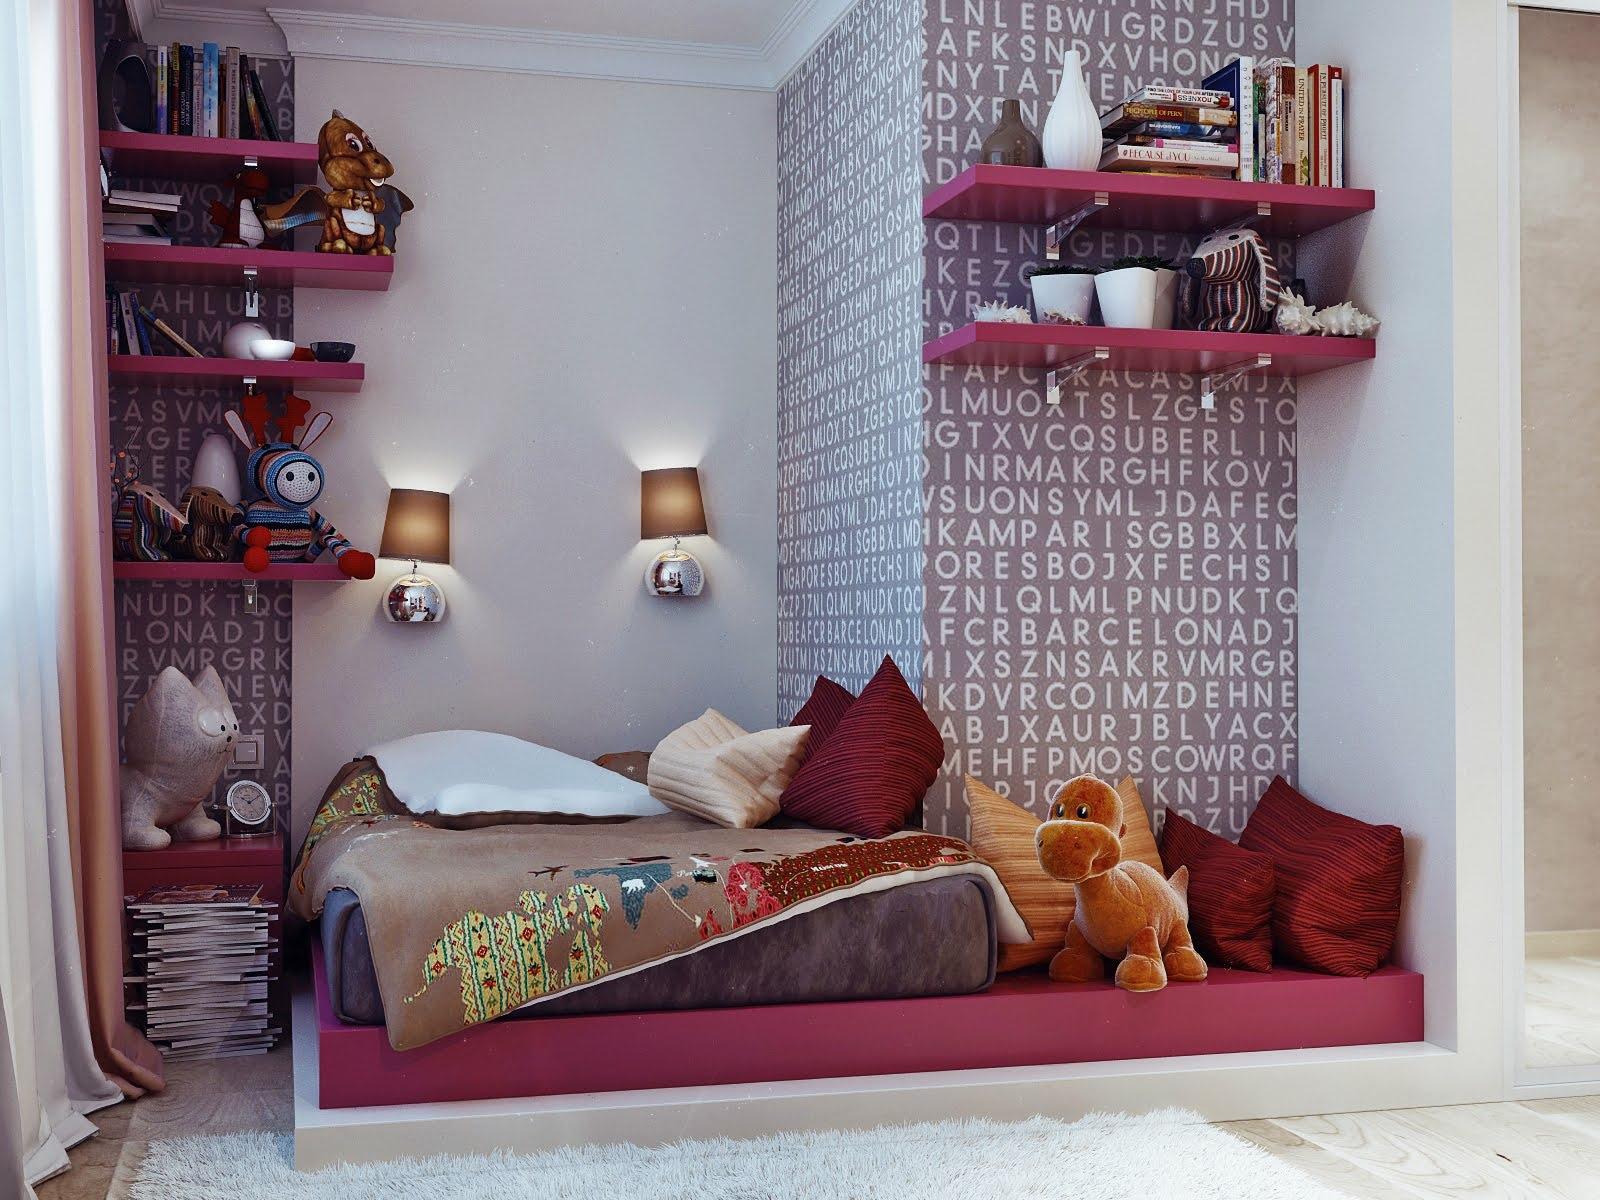 1a-Pink-platform-bed